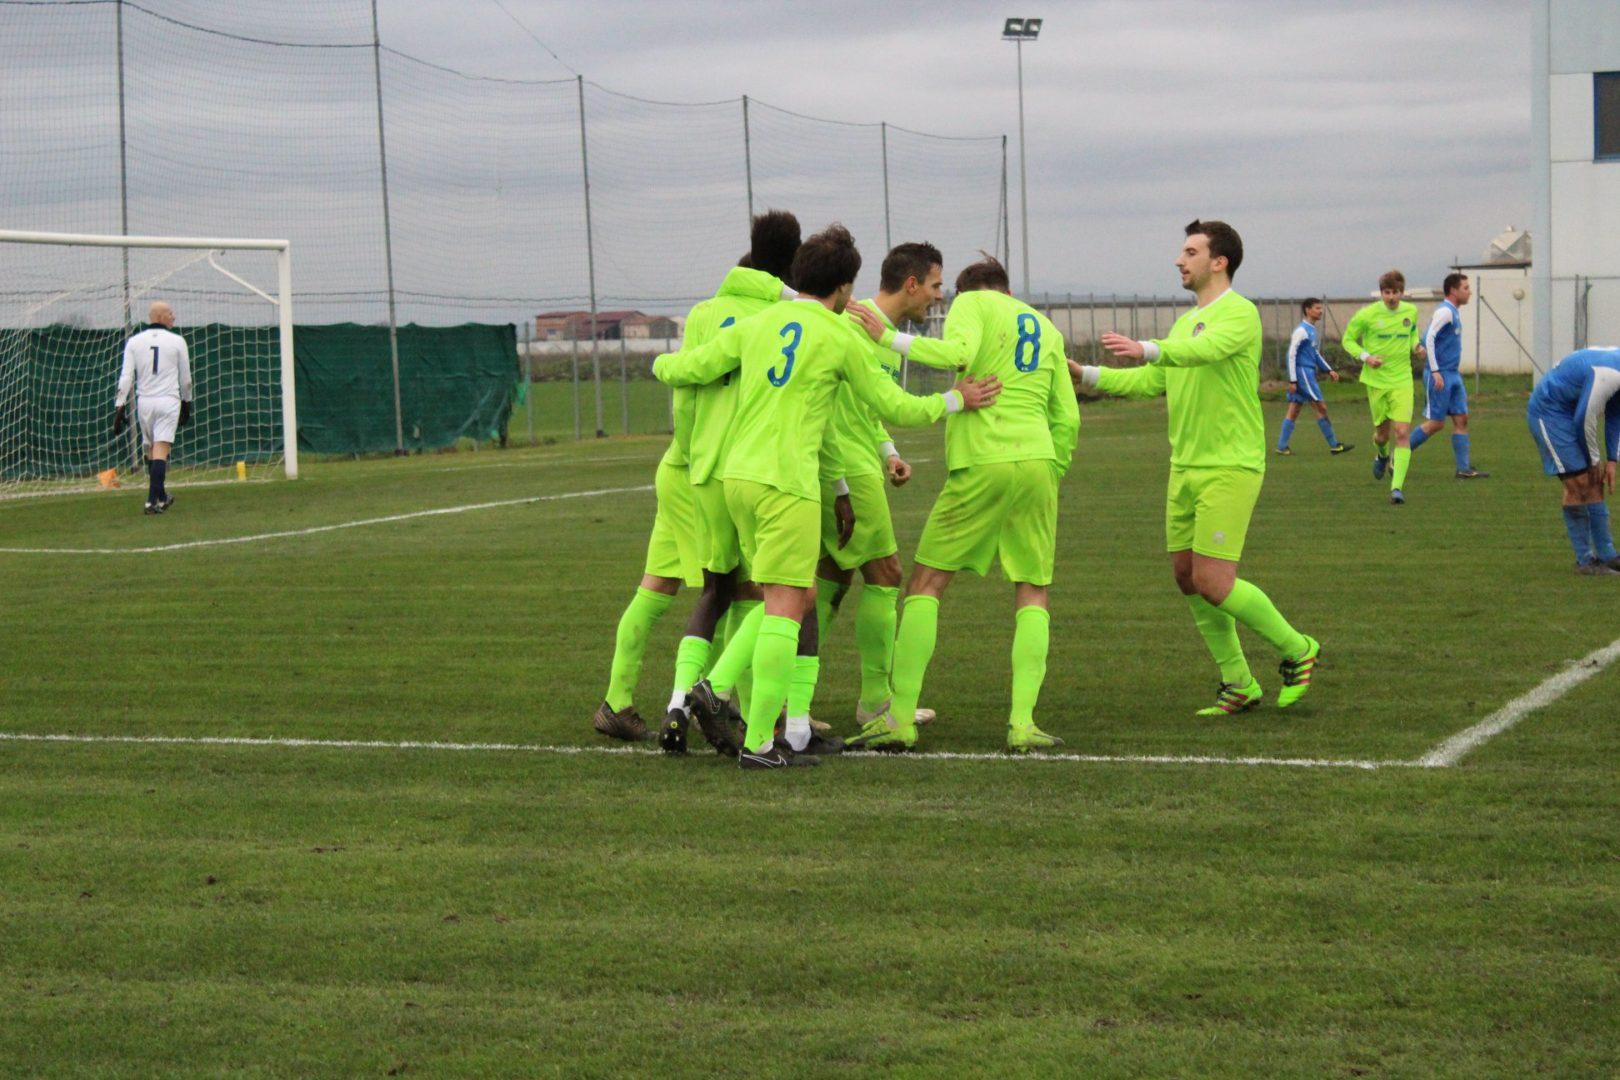 I ragazzi del Bevilacqua celebrano un gol.